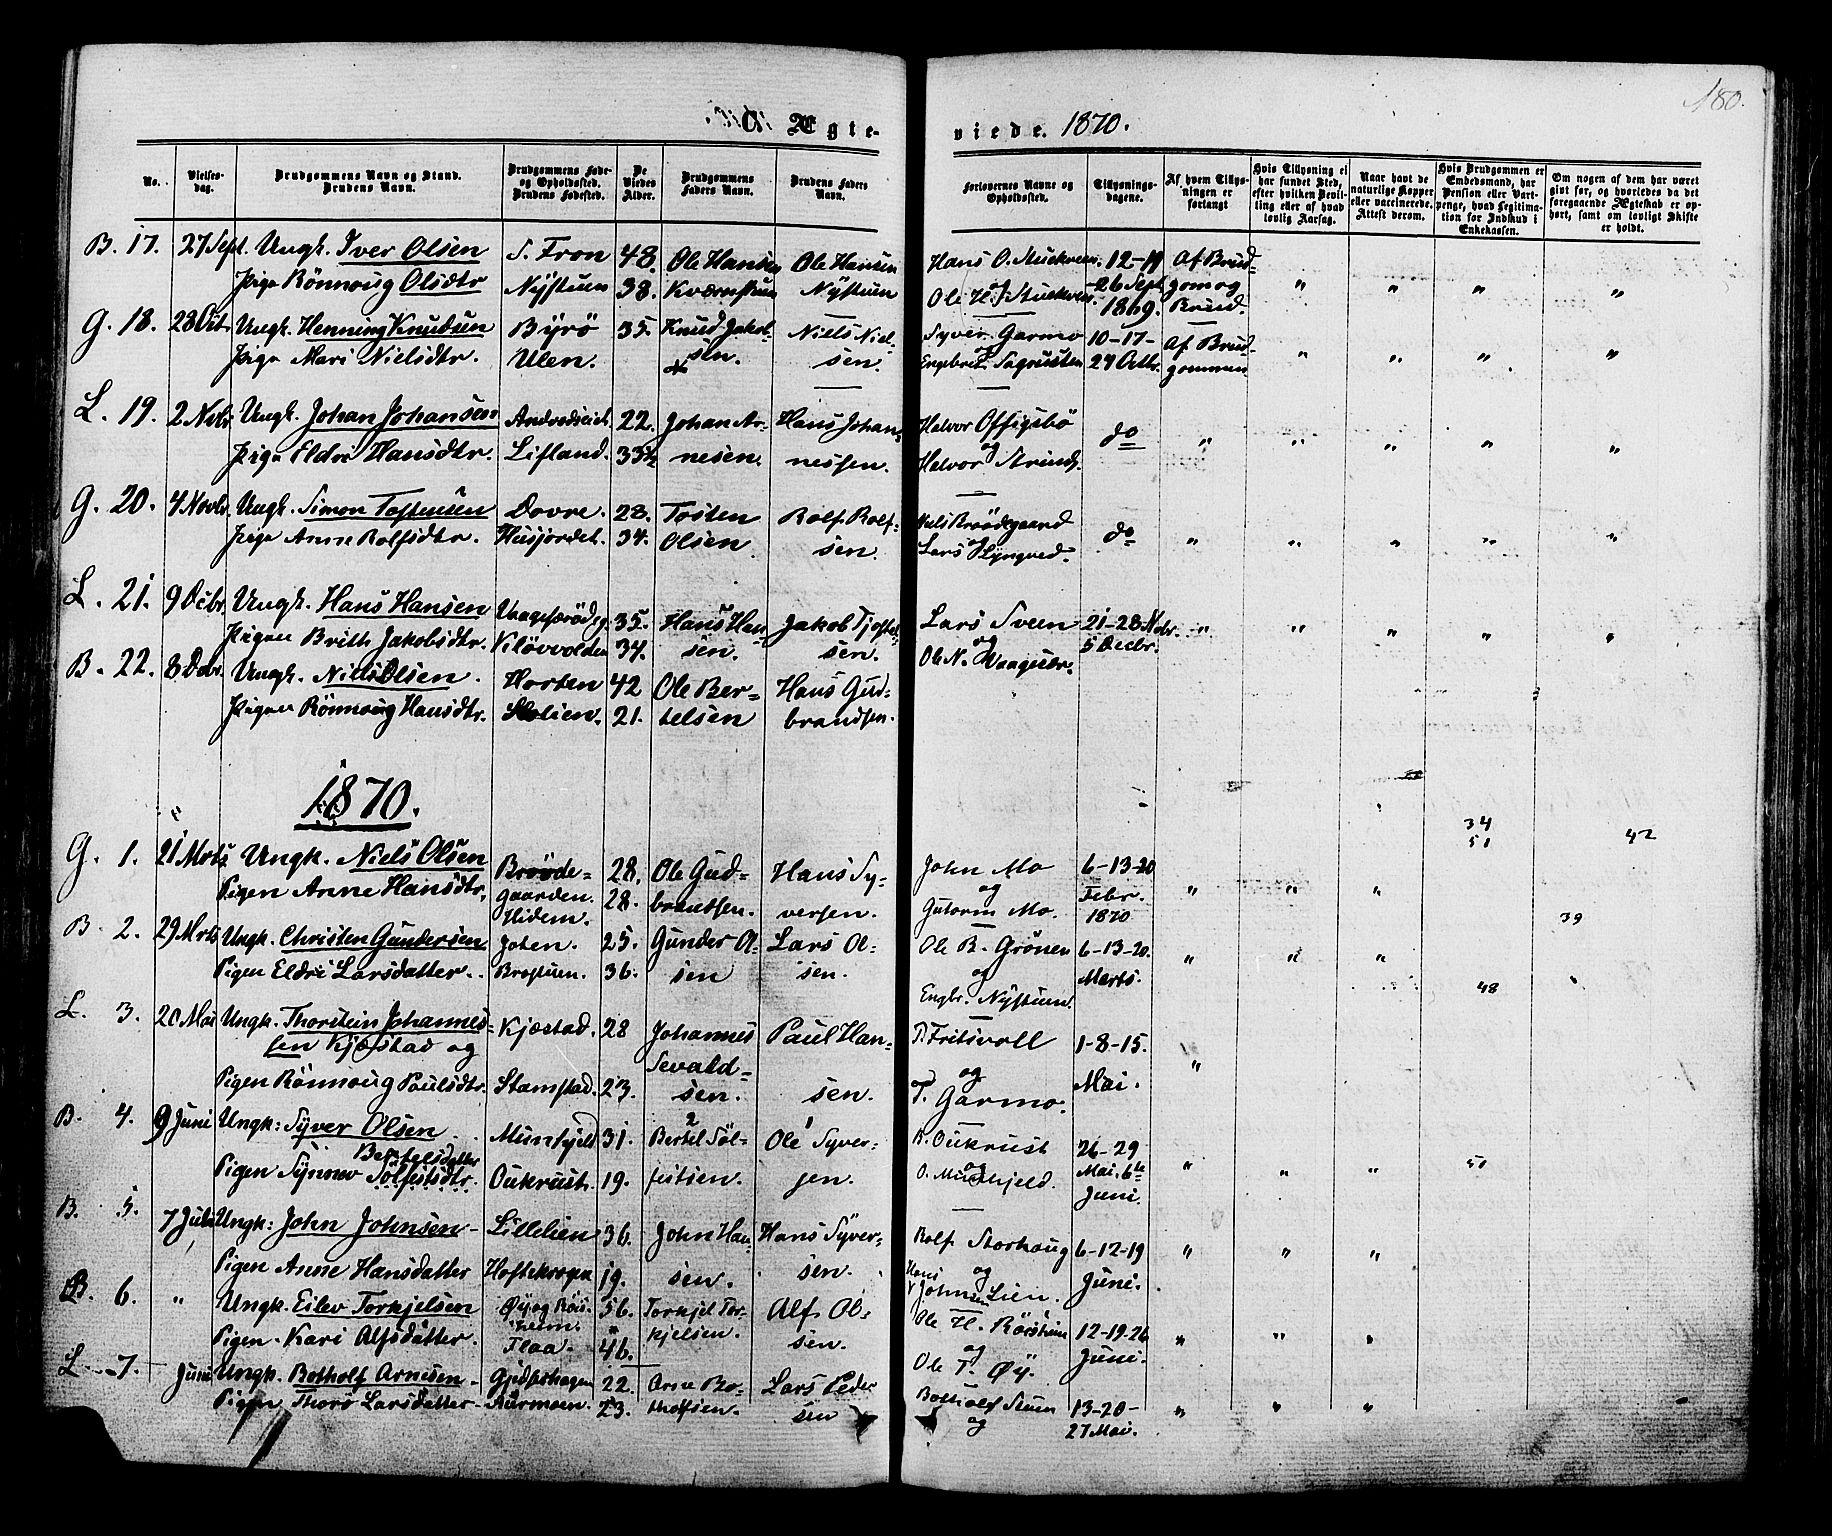 SAH, Lom prestekontor, K/L0007: Ministerialbok nr. 7, 1863-1884, s. 180